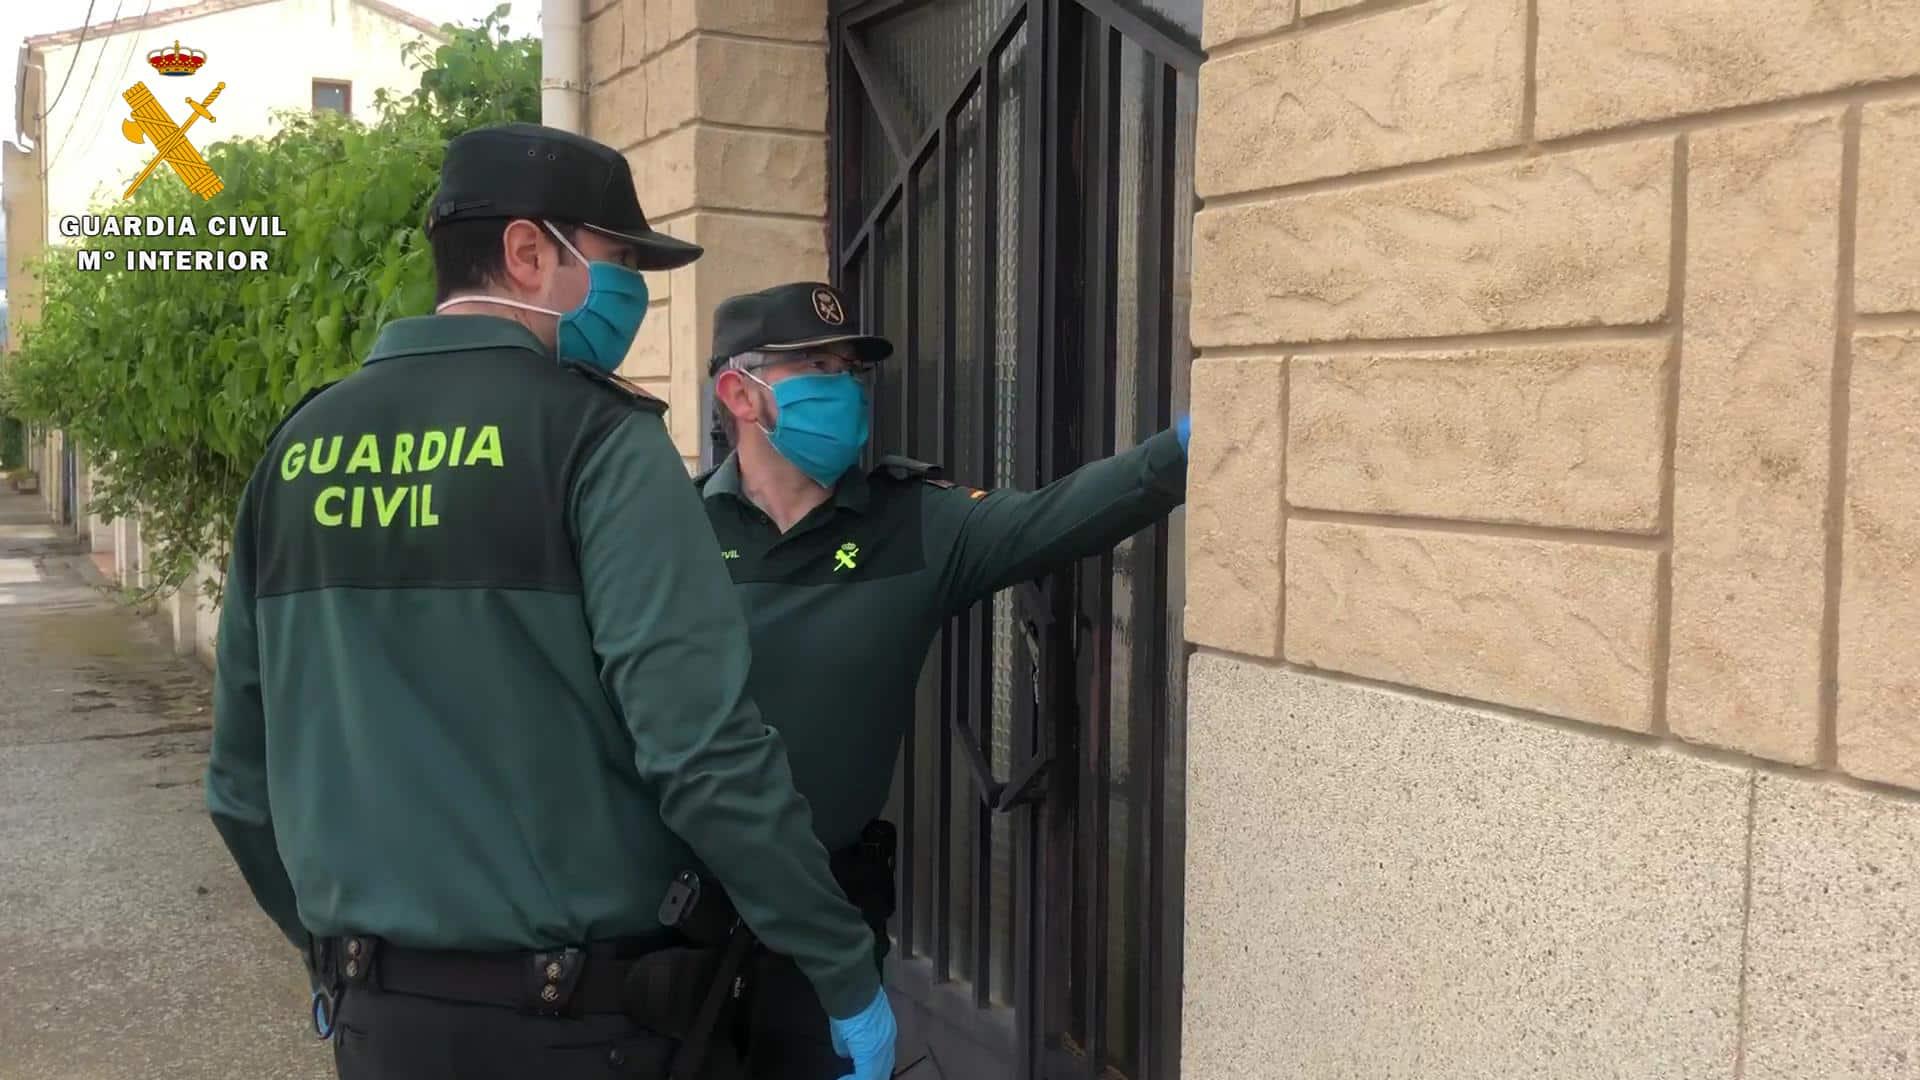 La Guardia Civil colabora en la entrega de deberes y tablets a los niños de Santo Domingo de la Calzada 1